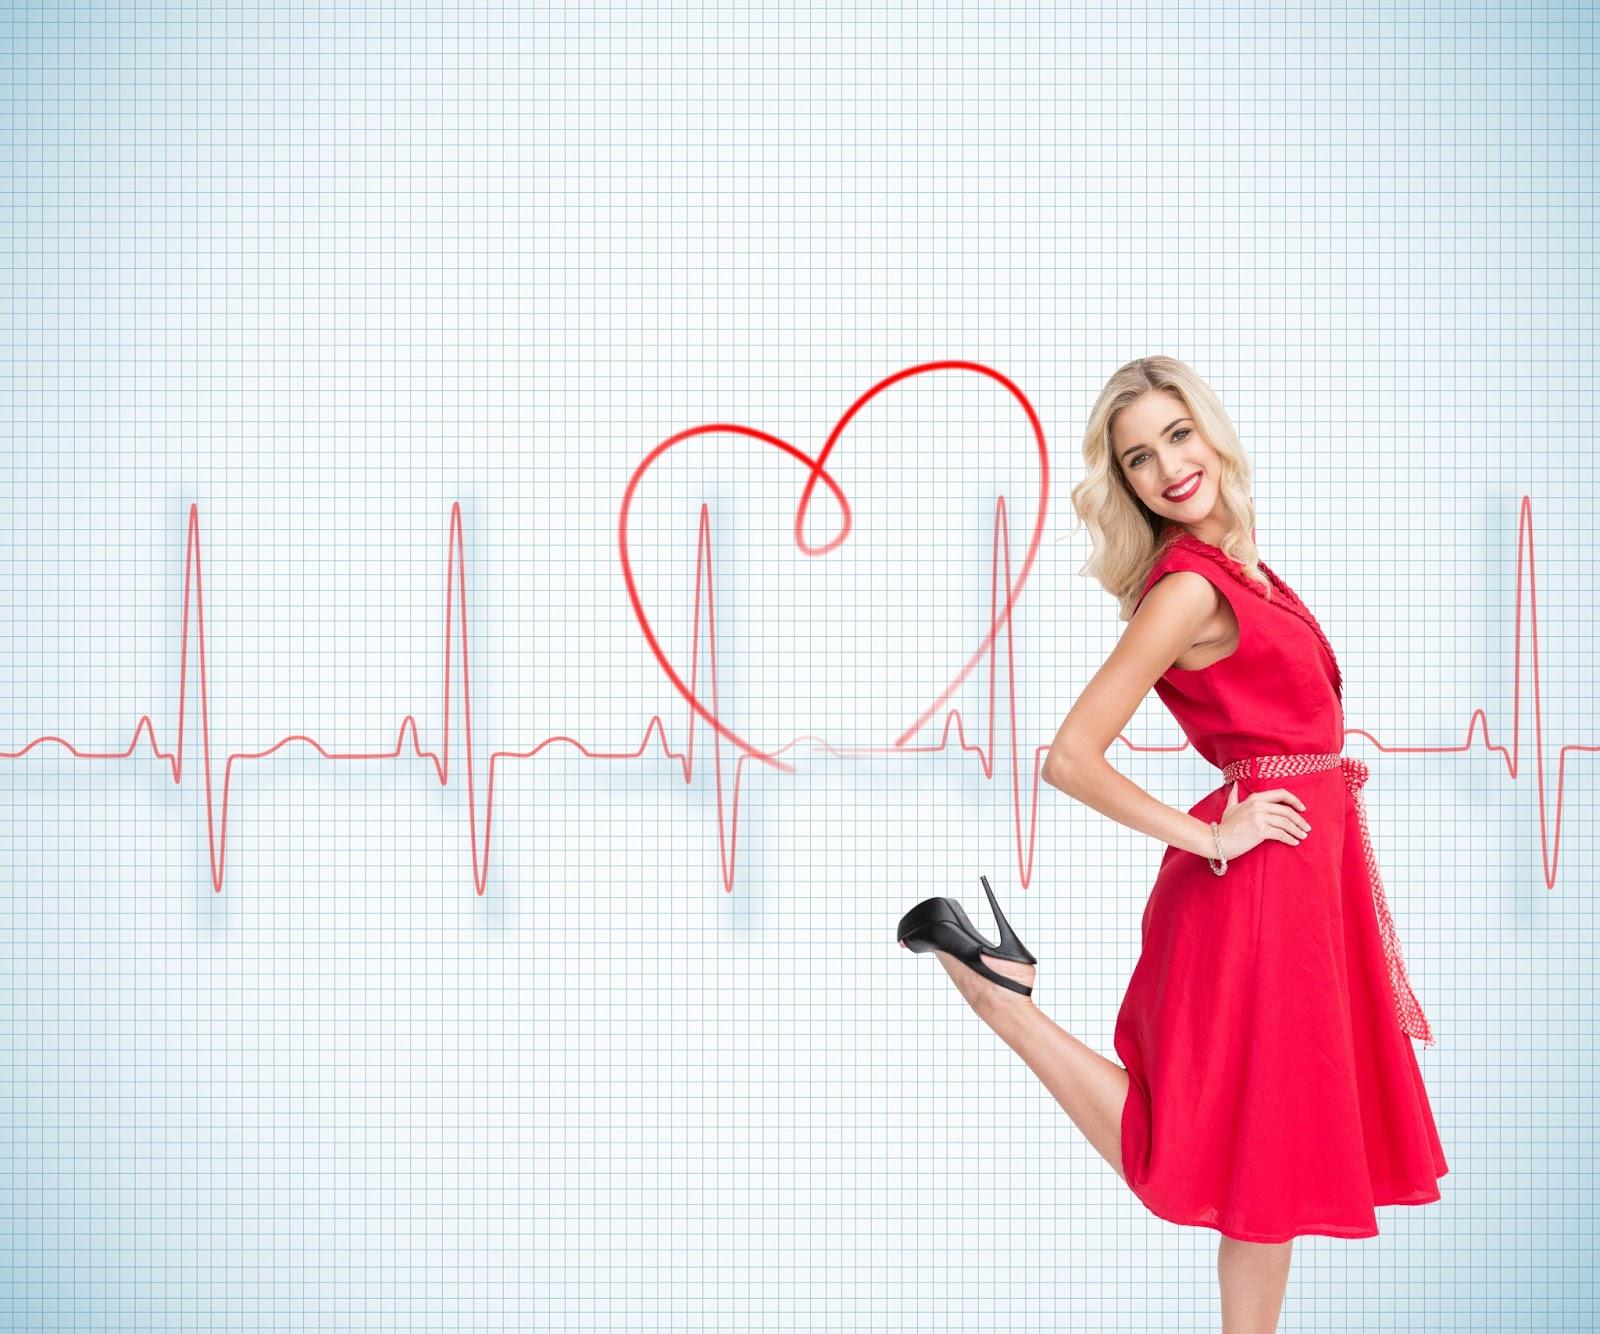 Apakah manfaat Resveratrol terhadap pesakit sakit jantung?